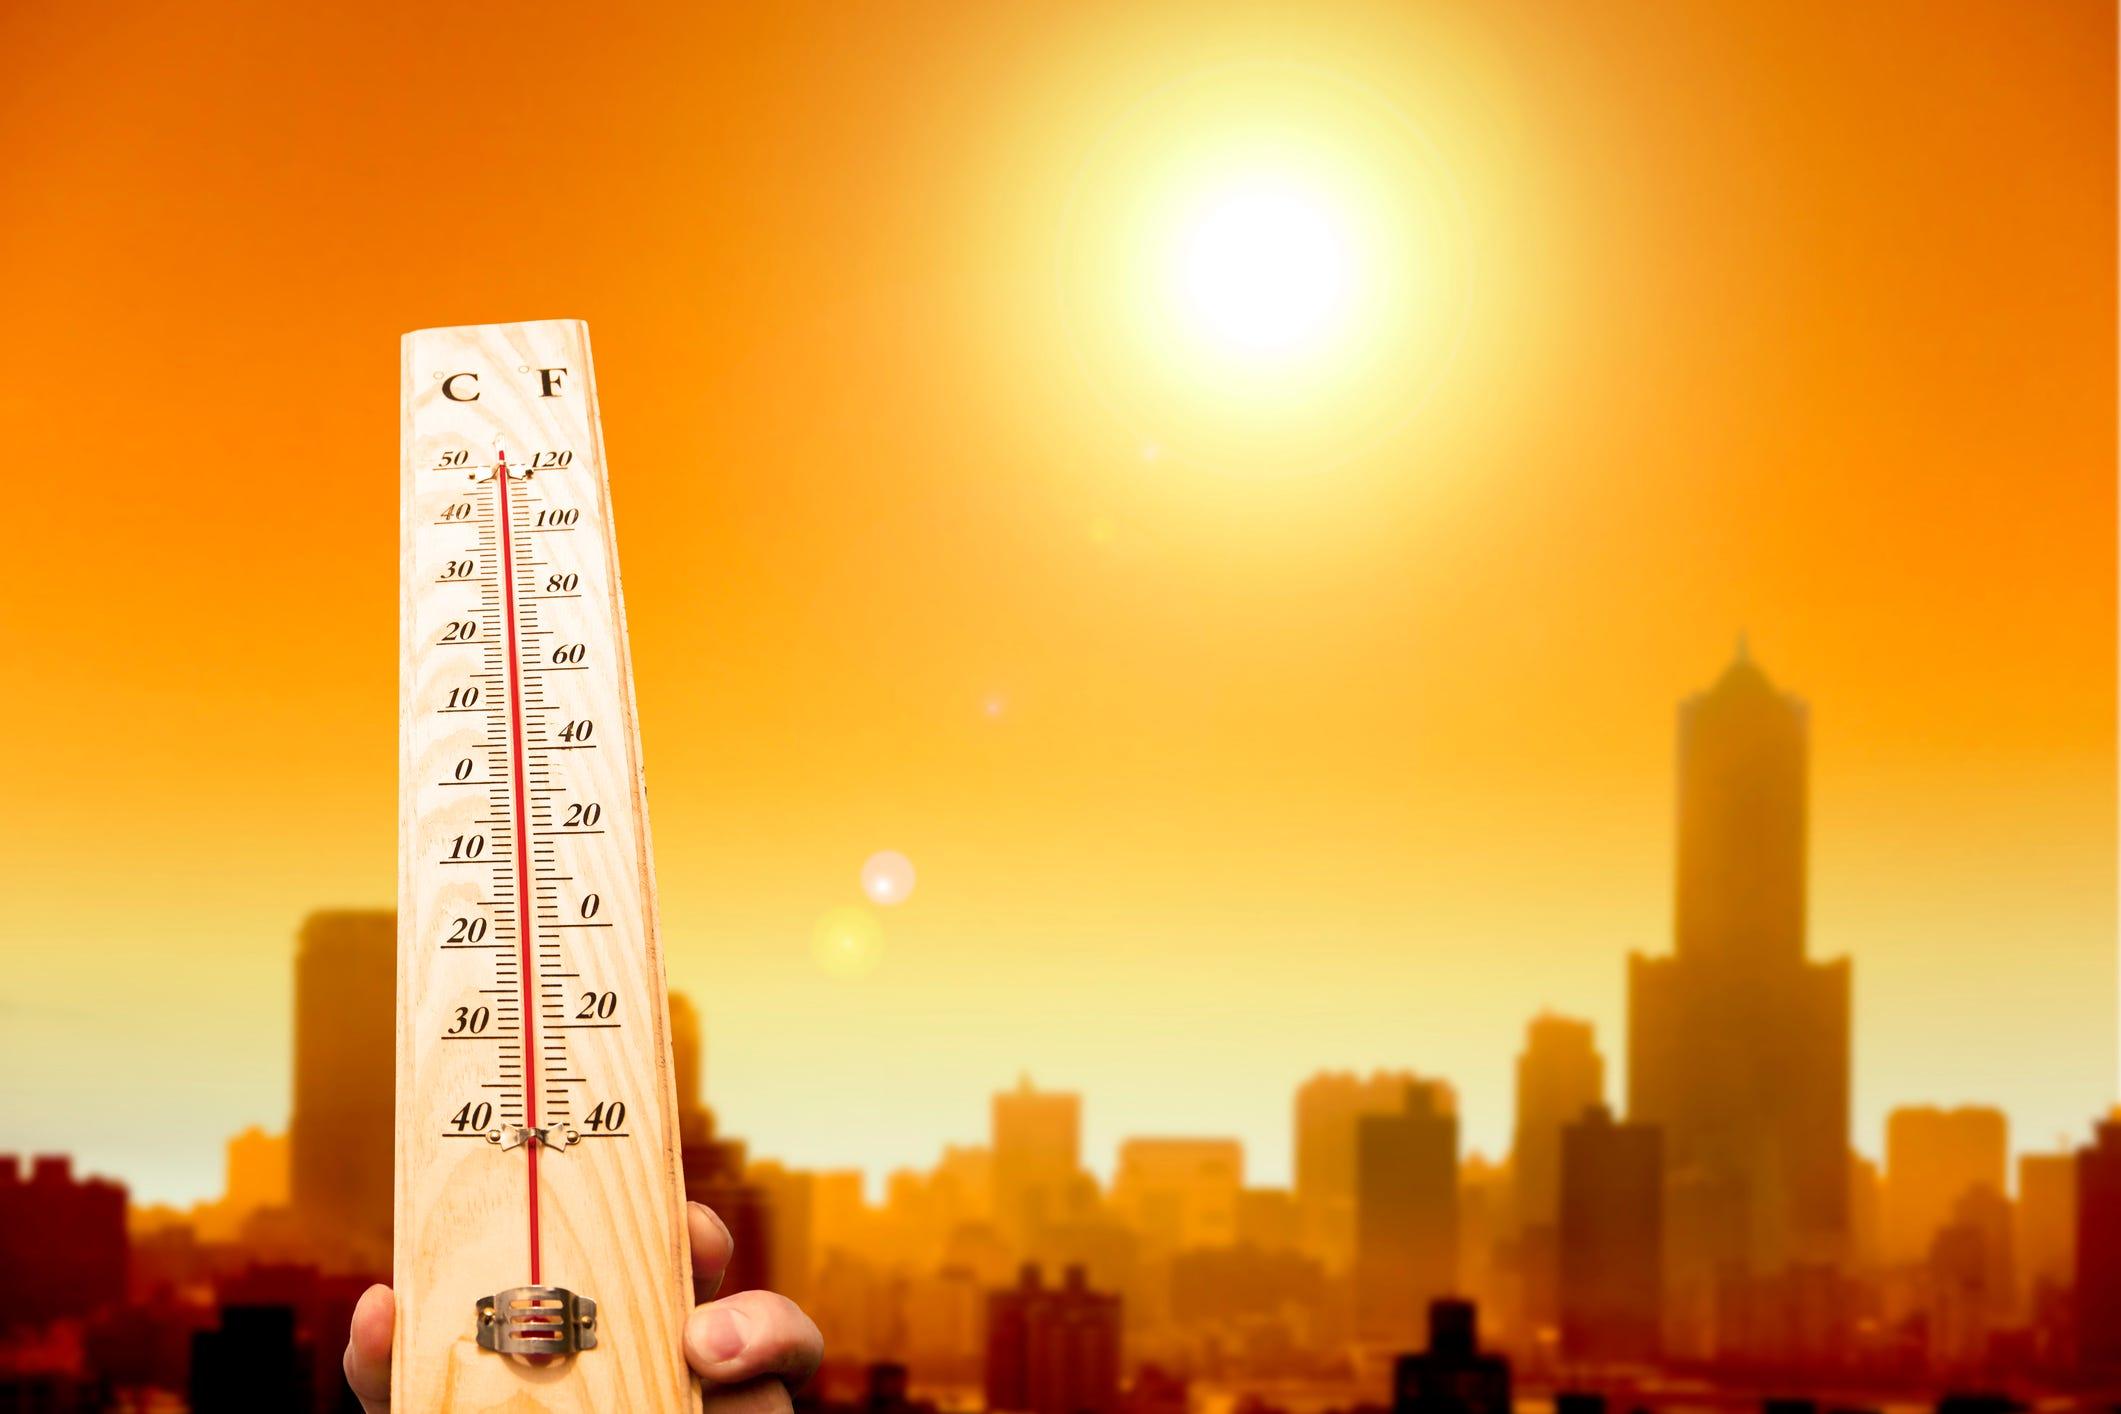 Hot Weathers Return Brings Ozone Warnings